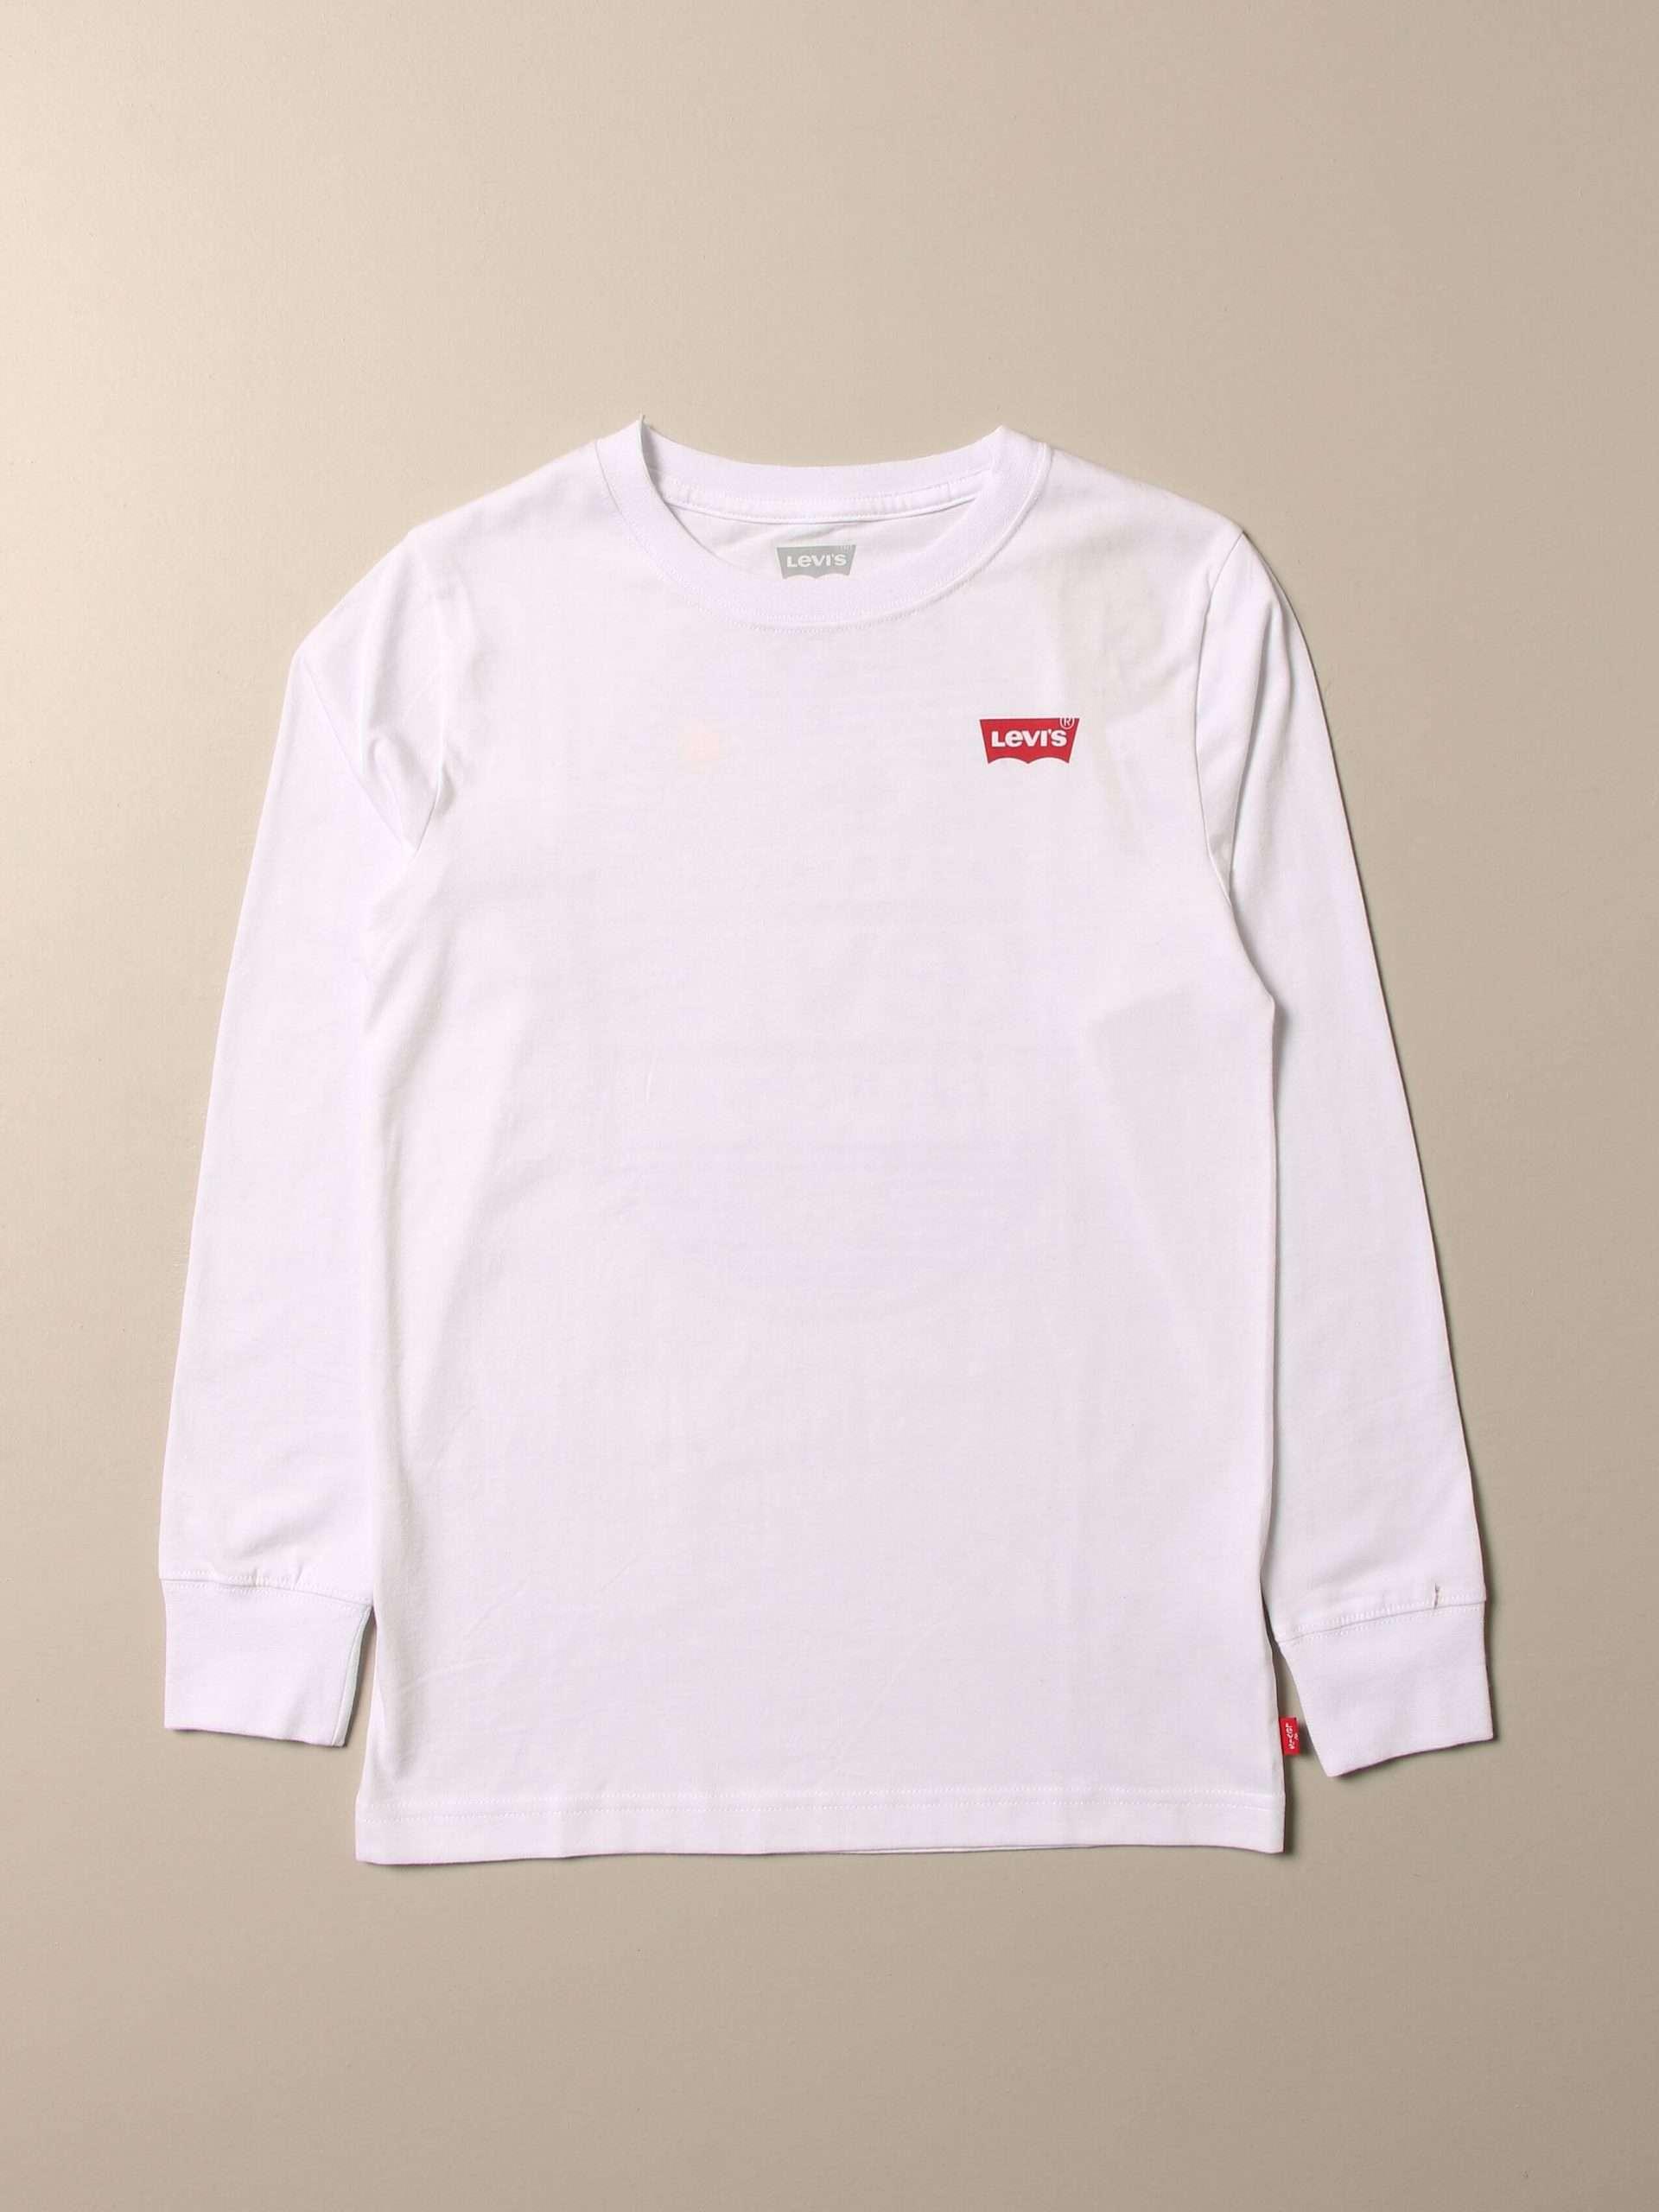 Una maglia perfetta per la mezza stagione, e le fresche serate estive, quella proposta dalla linea Levi's Kids. Per un look curato e versatile anche per i più piccoli.